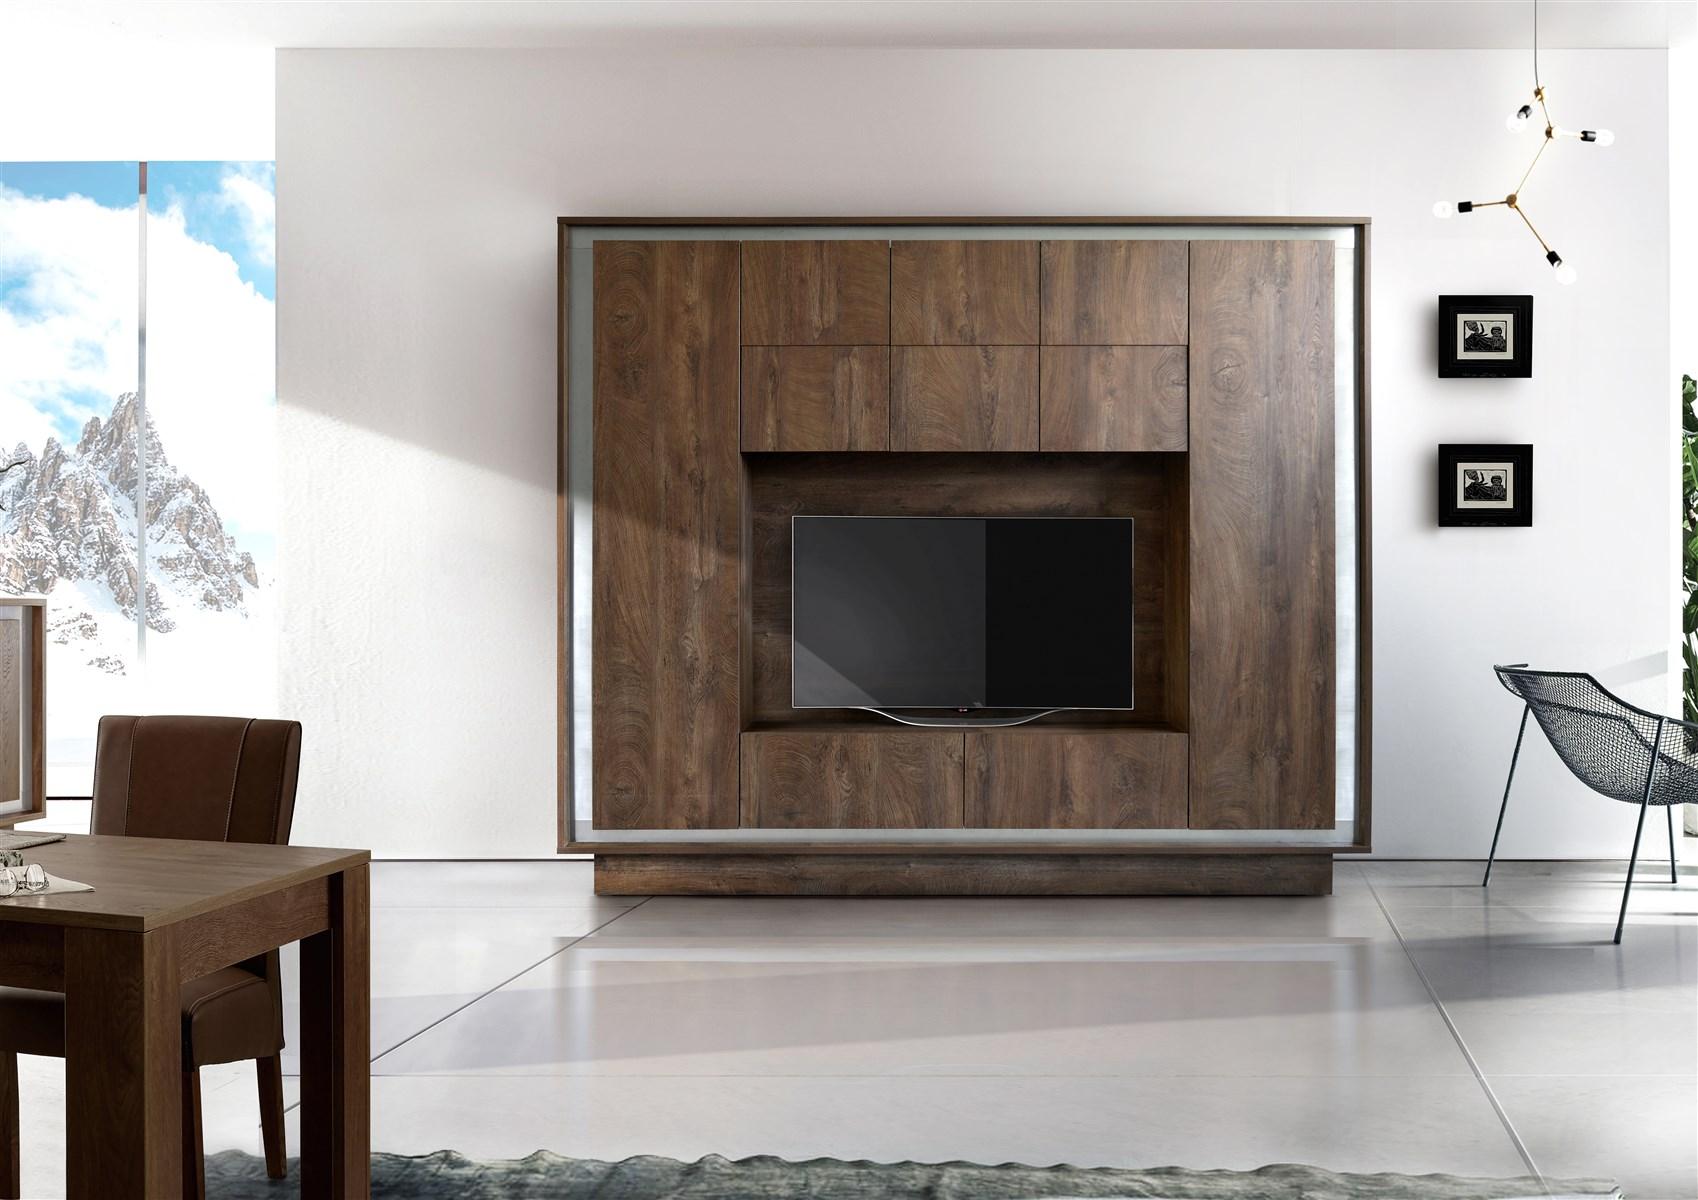 Parete attrezzata con inserto cromato arredamenti di lorenzo napoli - Soggiorni pareti attrezzate moderne ...